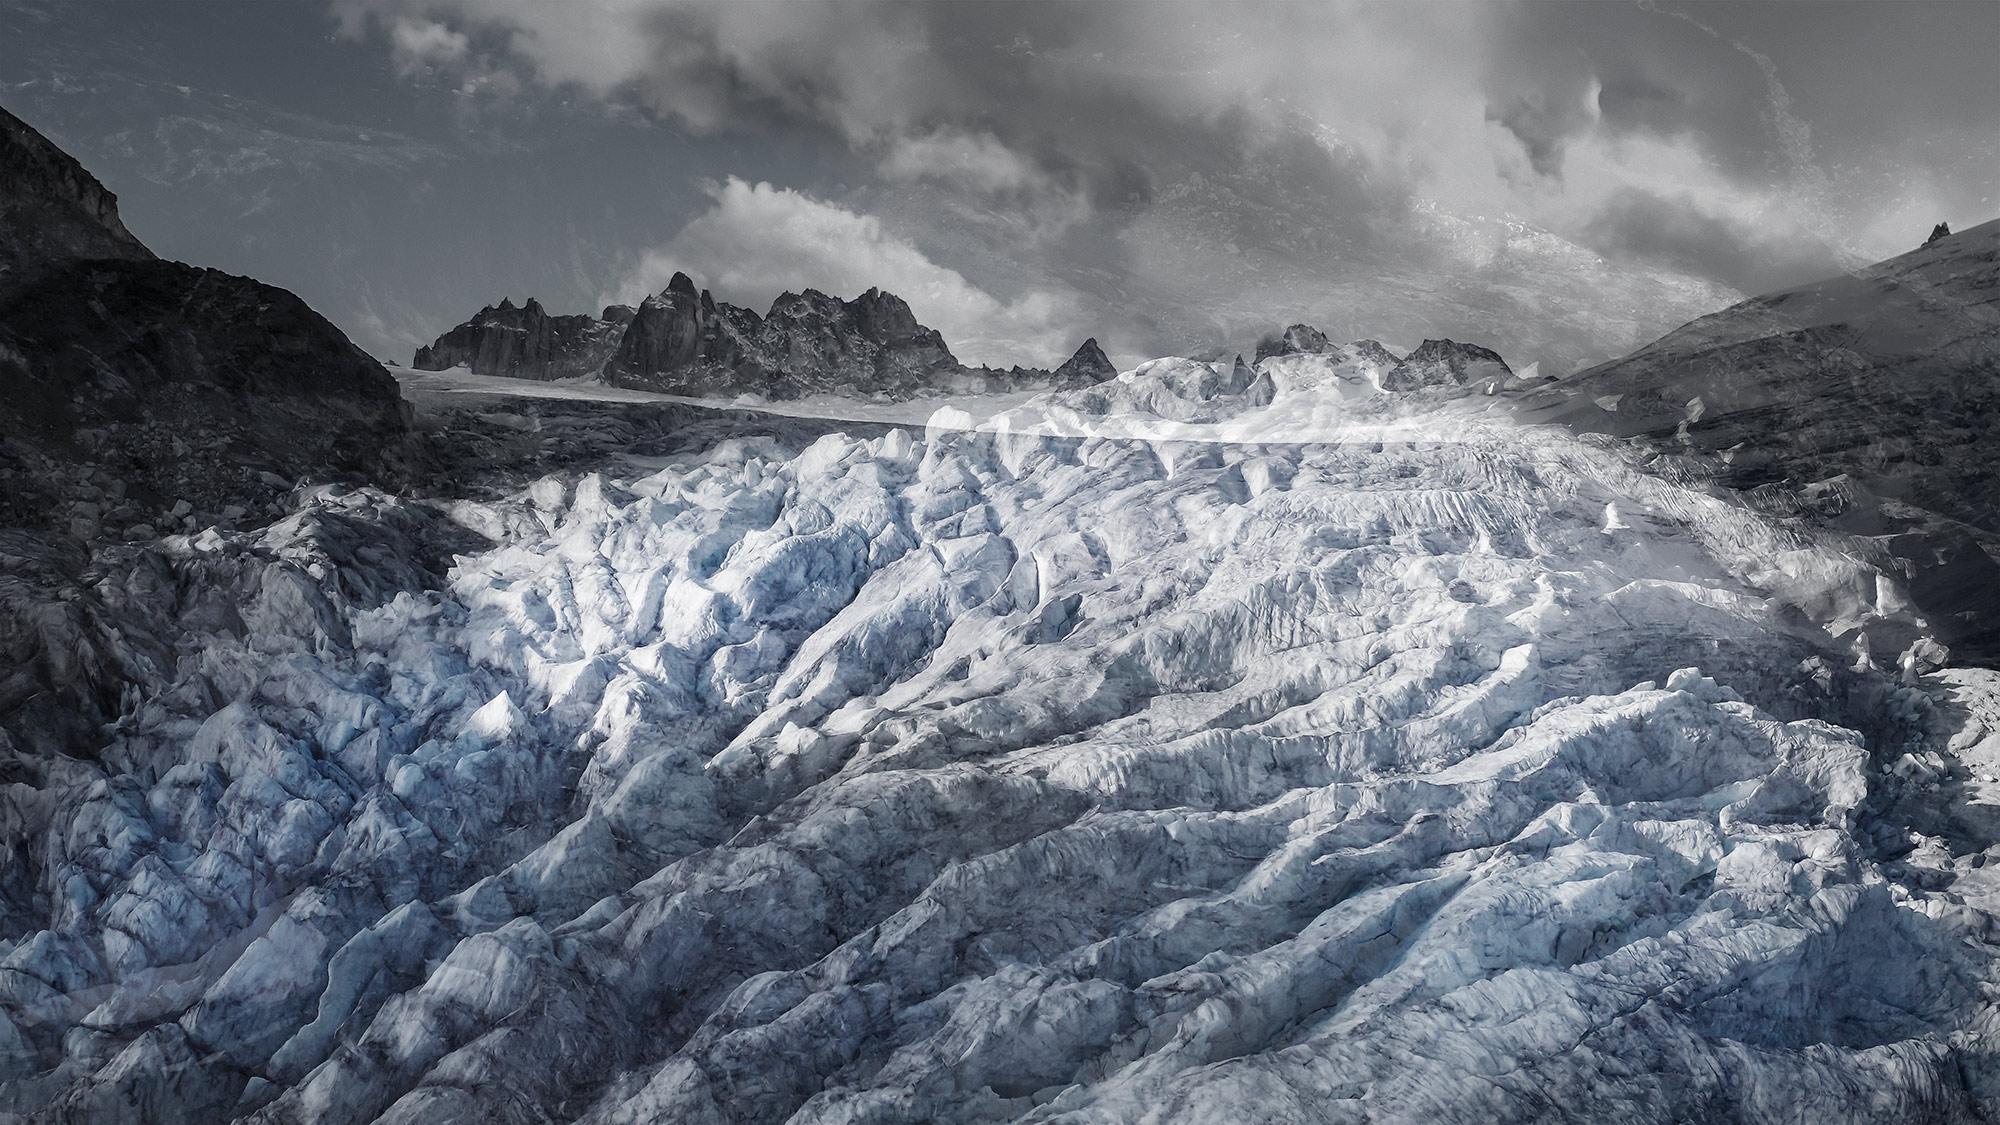 #165 Glaciers offset, 2019, photographie reconstruite à partir de bandes videos, réalisées sur le glacier du Trient